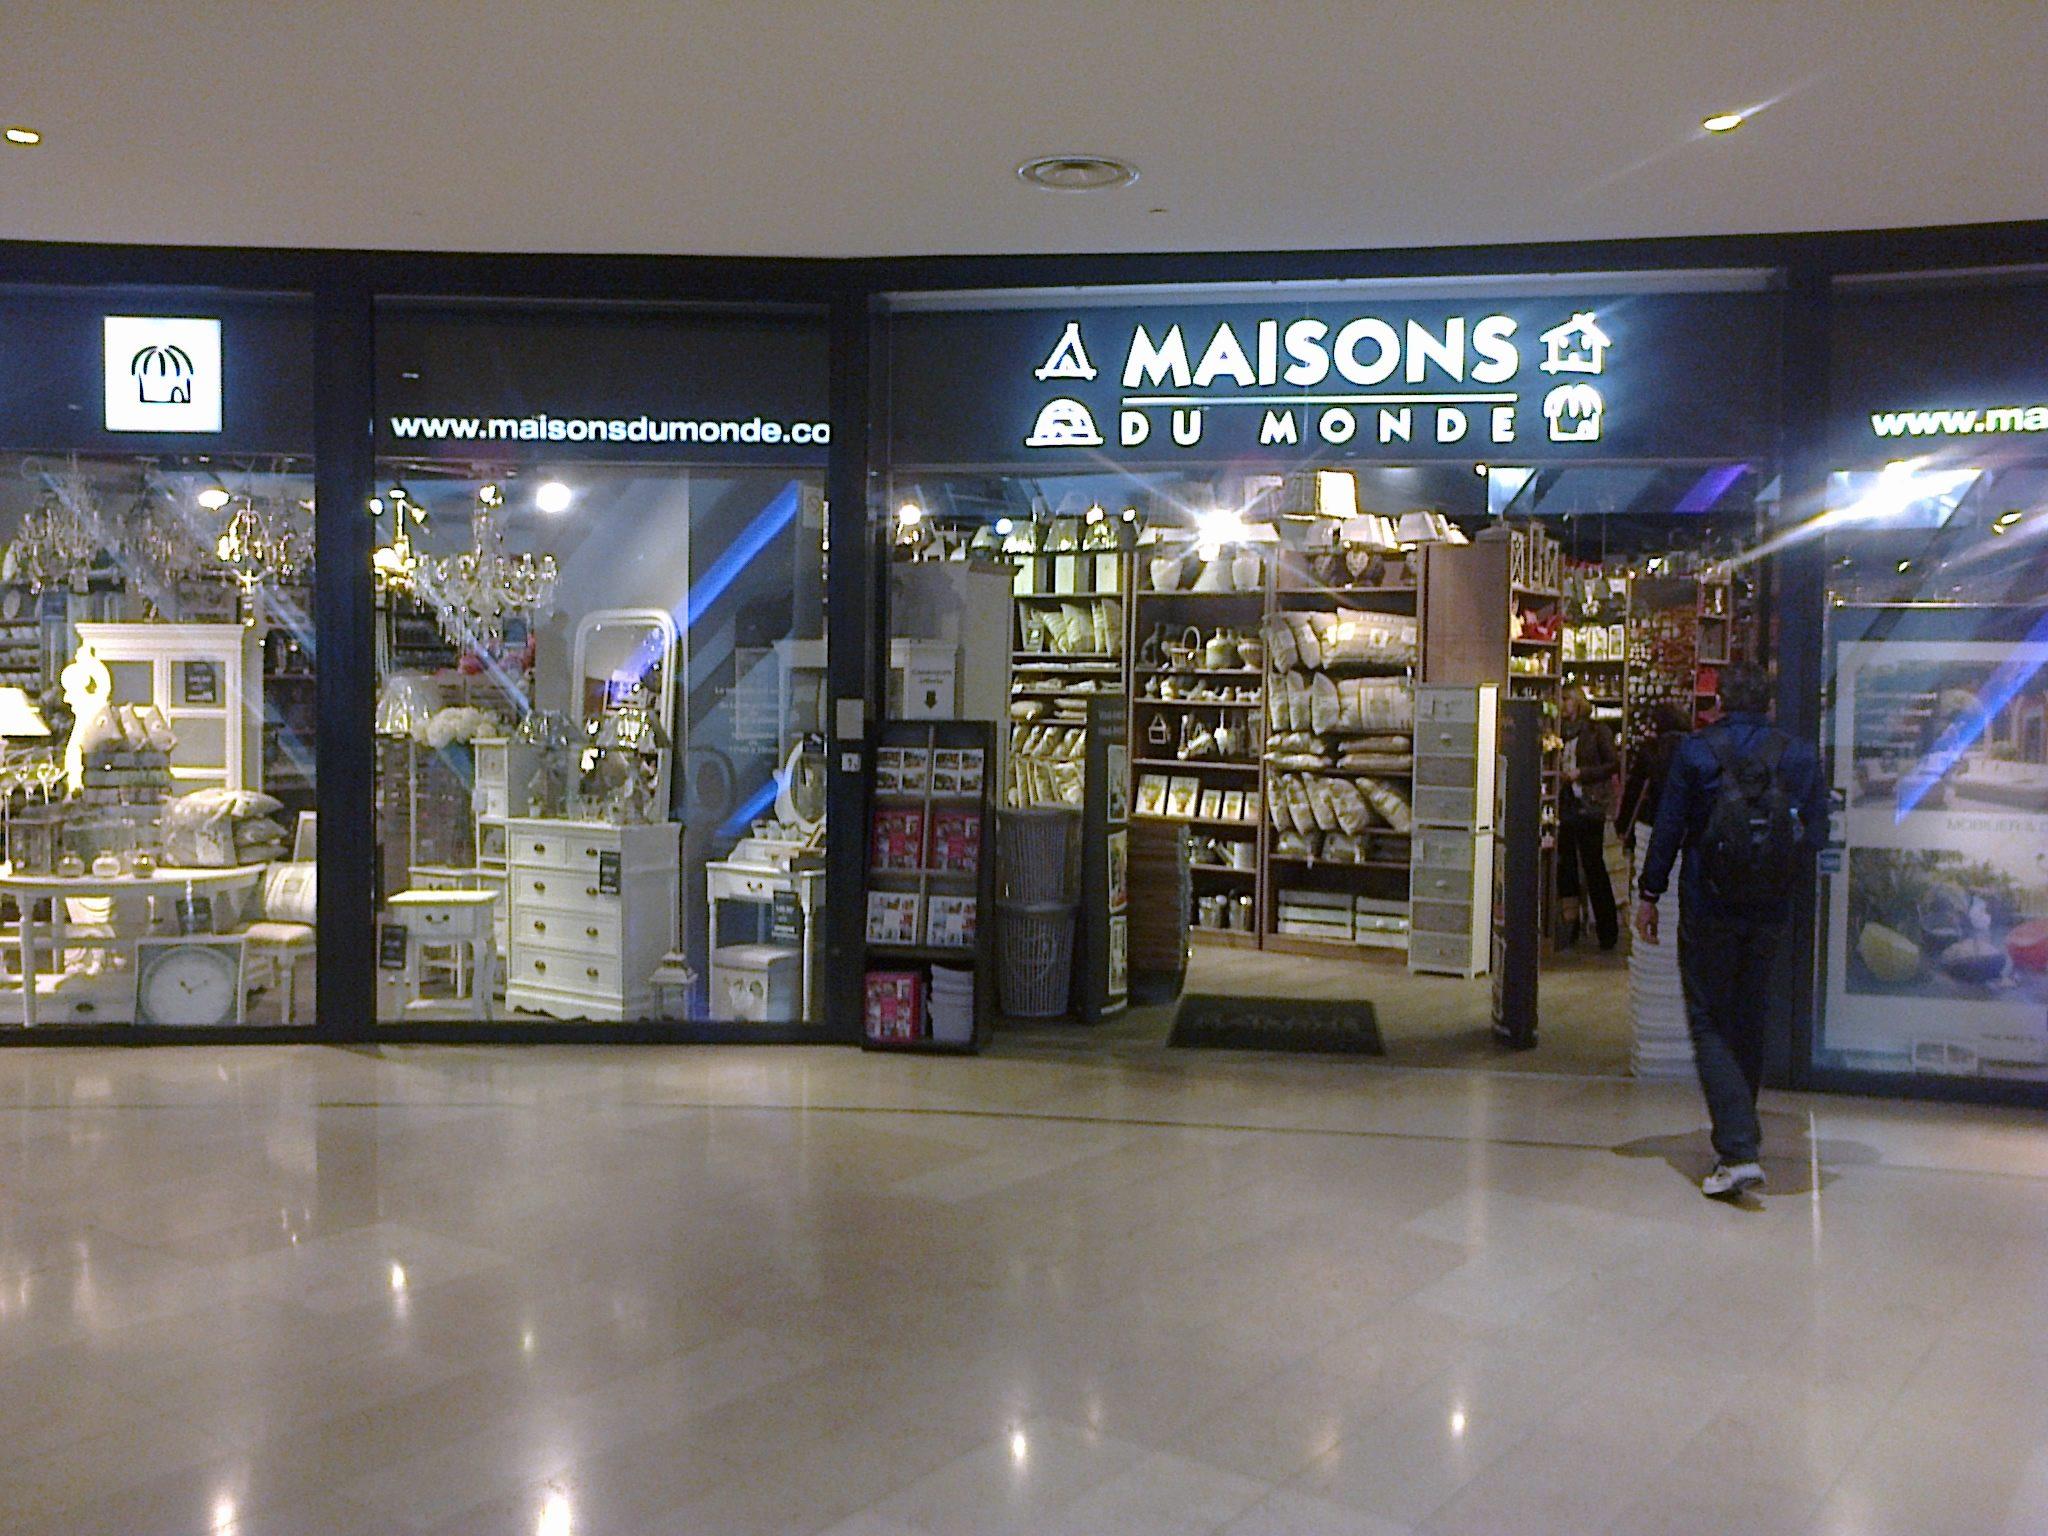 Il negozio di arredamento maisons du monde apre a roma for Maison du monde arredamento